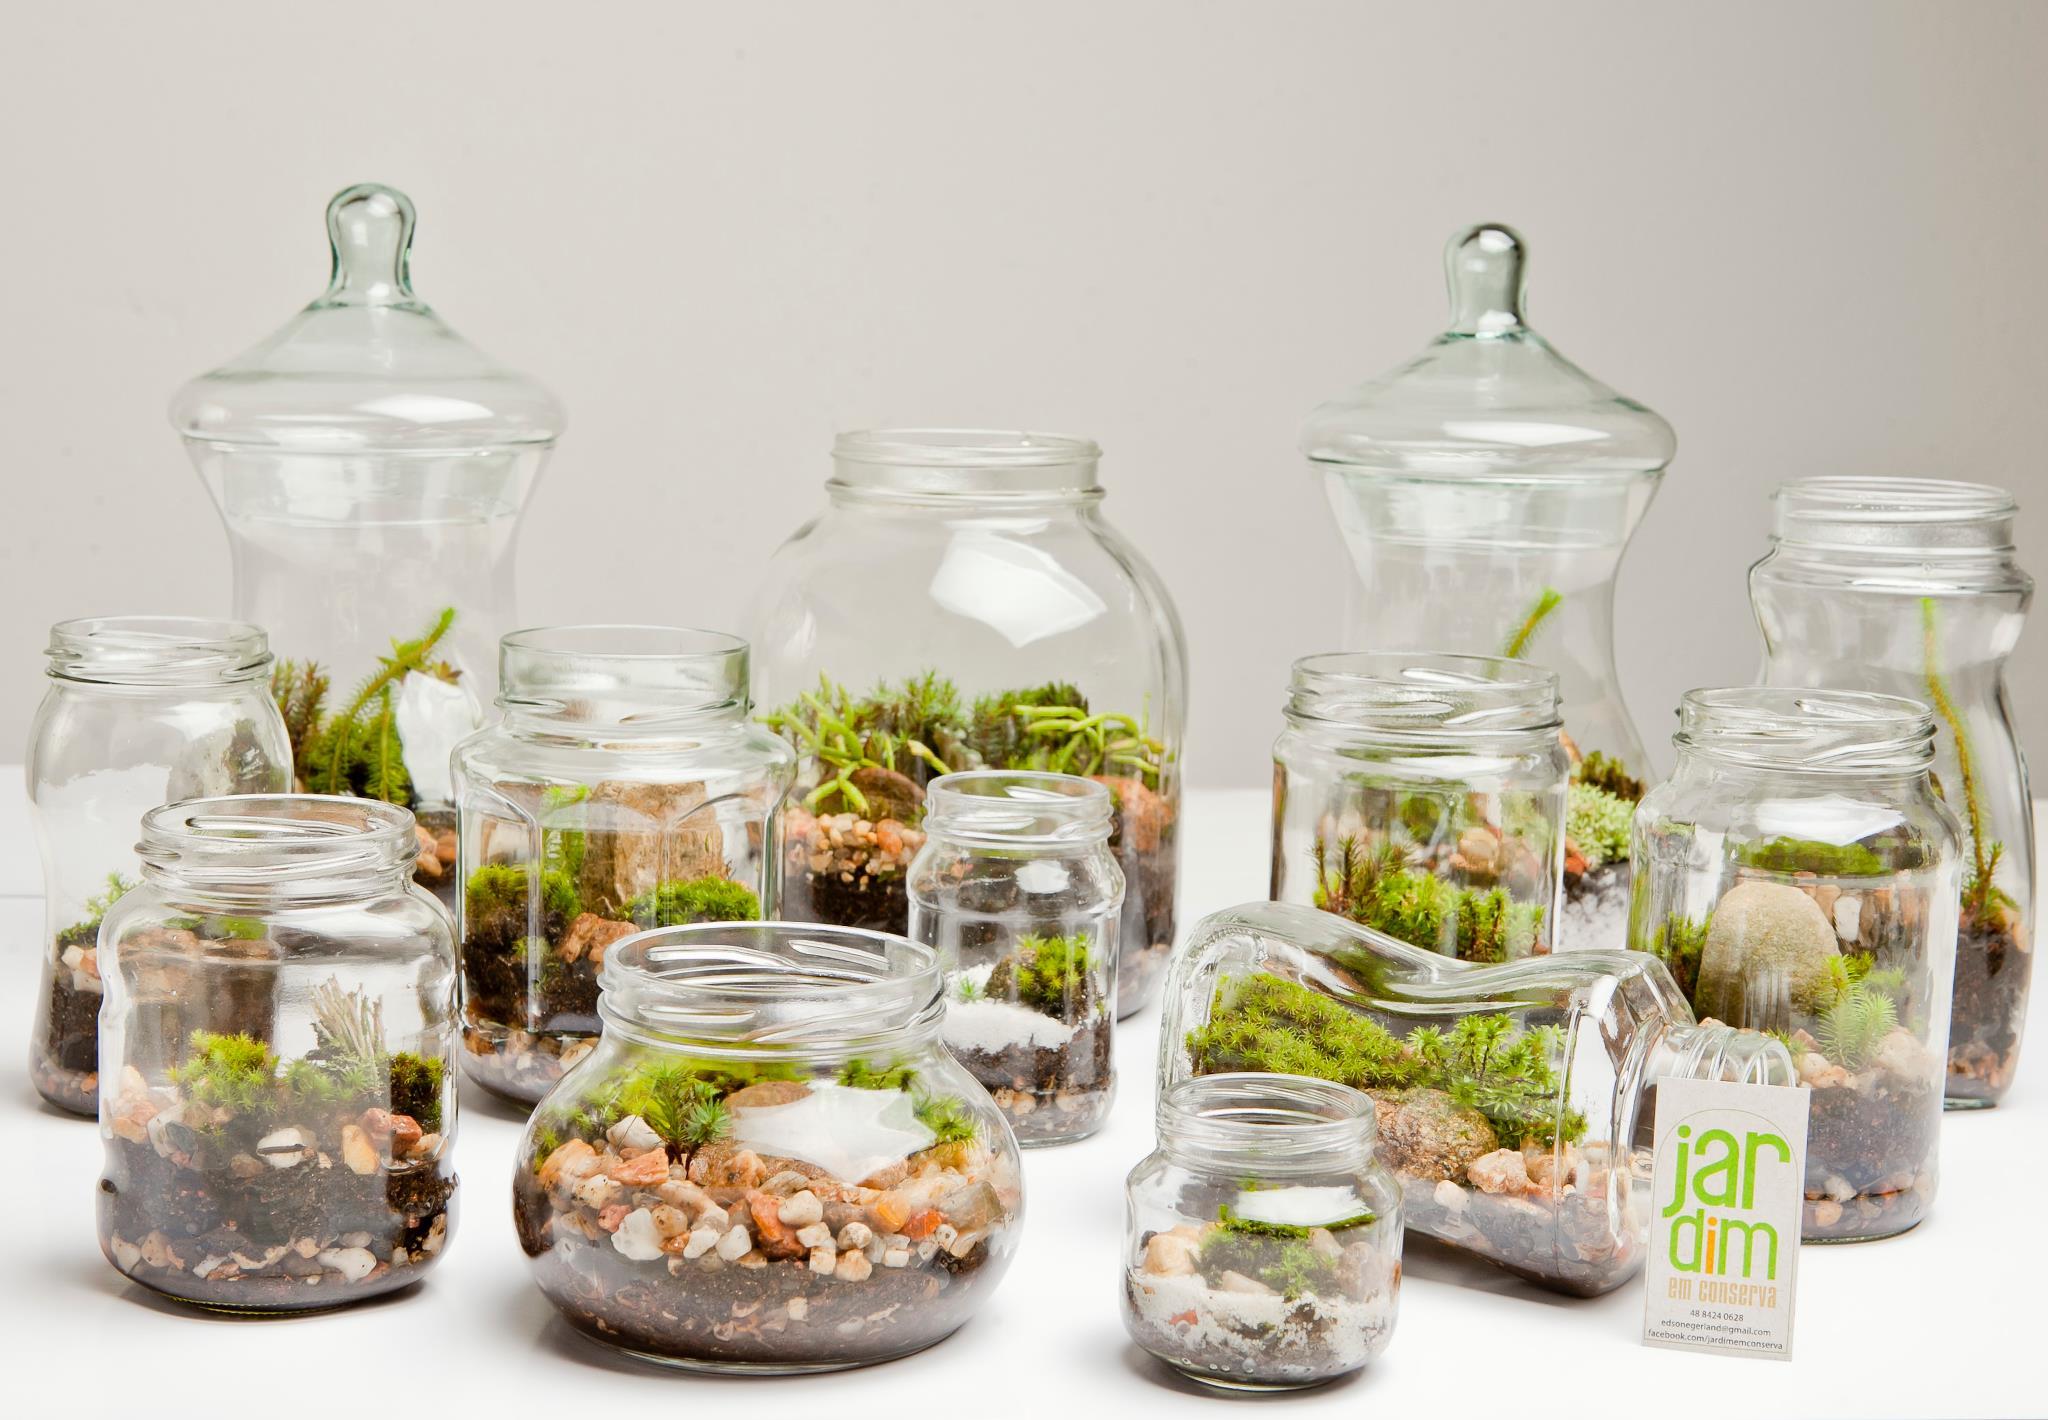 mini jardins em vidro : mini jardins em vidro:Terrarium Ideas Pinterest